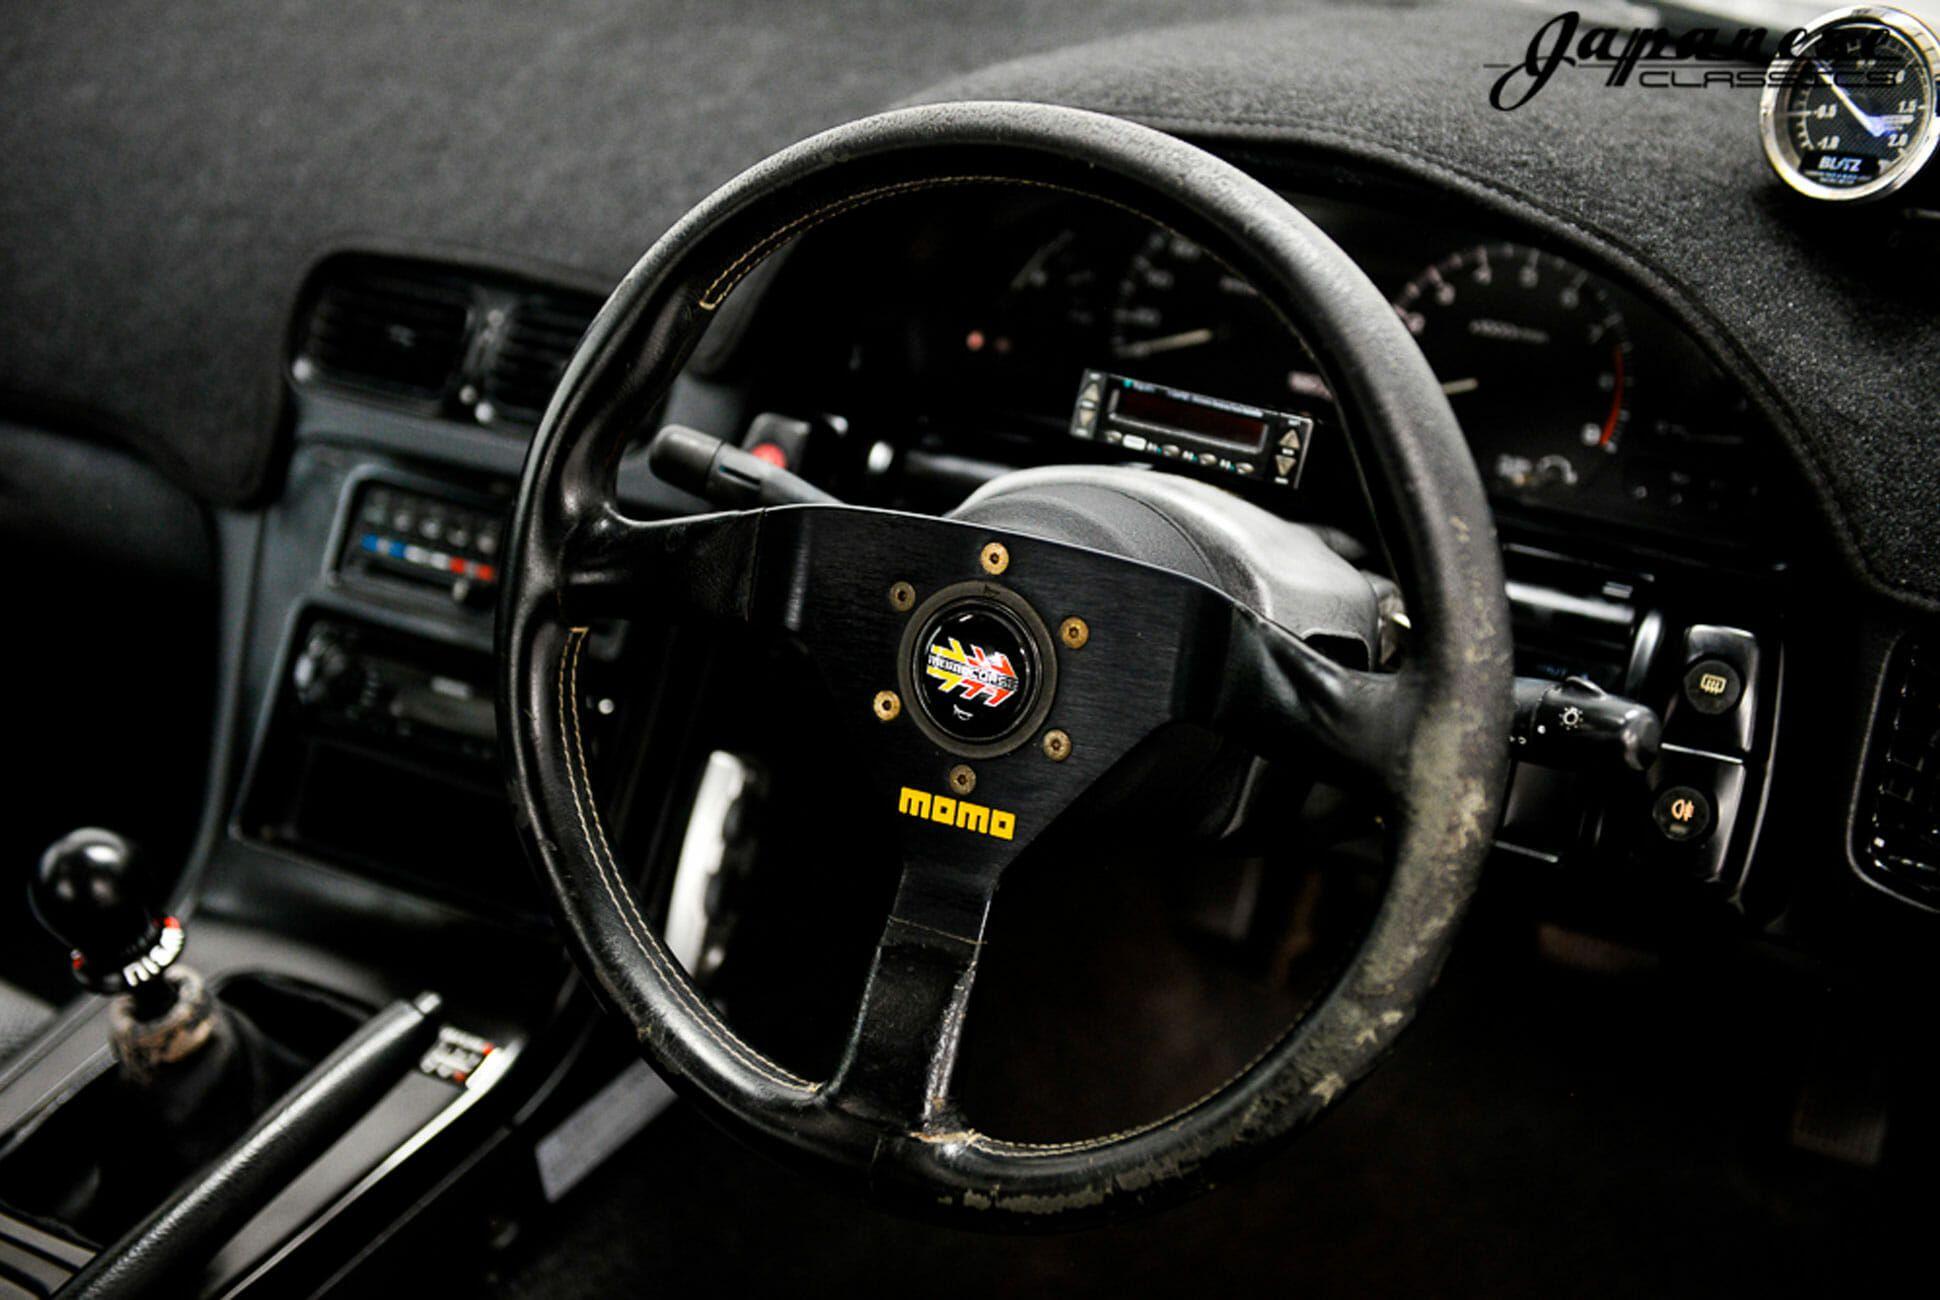 1989-Nissan-S13-Gear-Patrol-slide-5